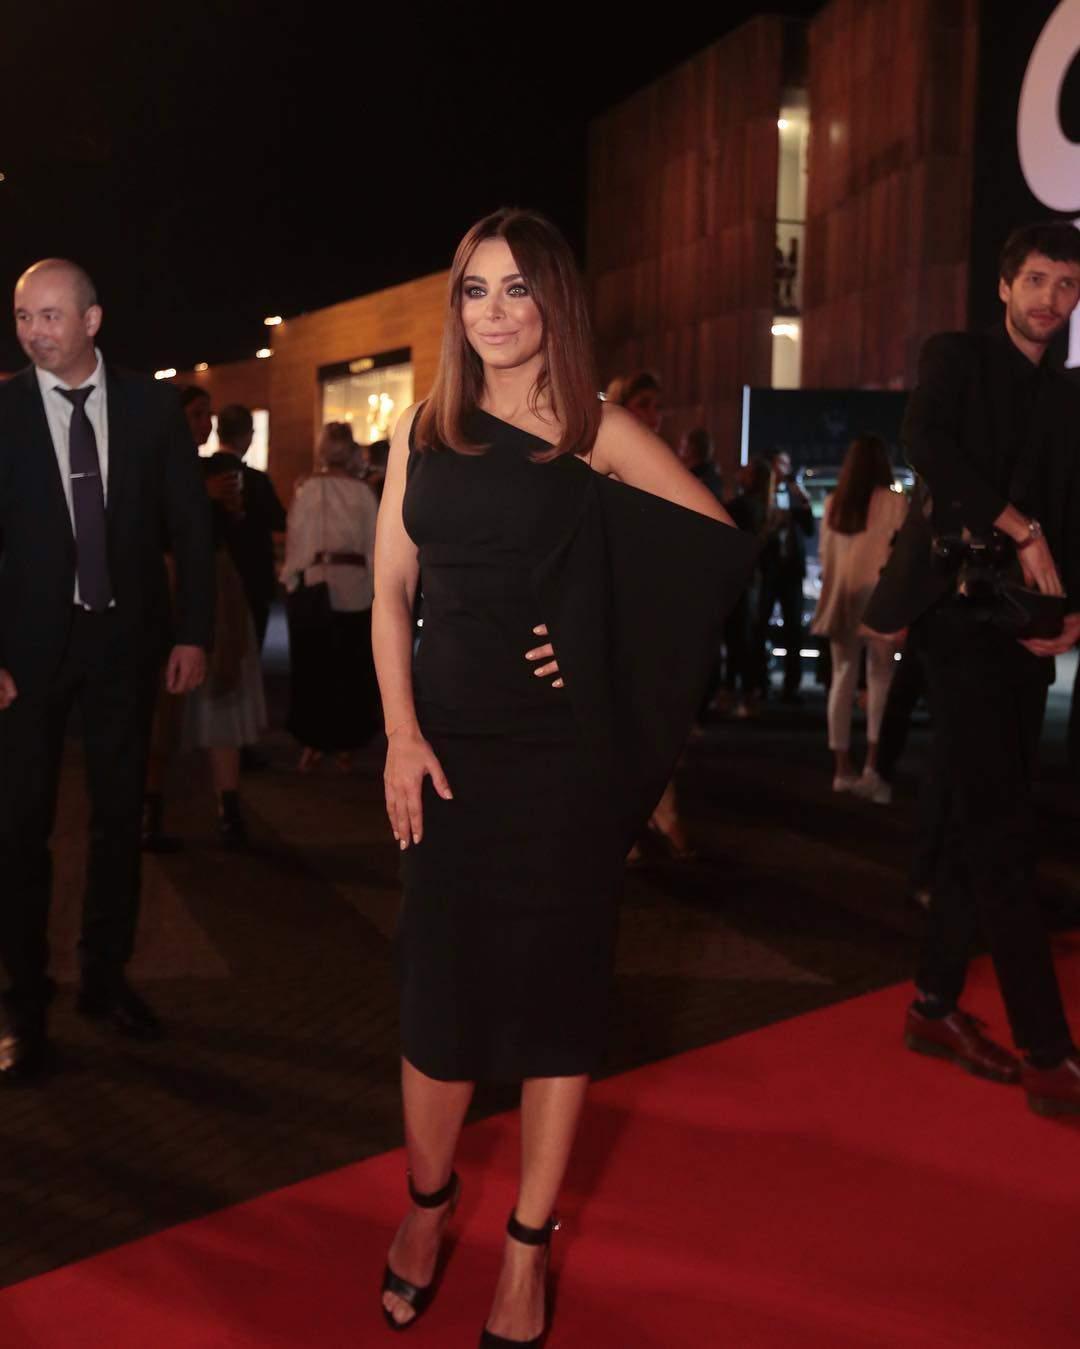 Украинскую поп-звезду раскритиковали за неудачный наряд